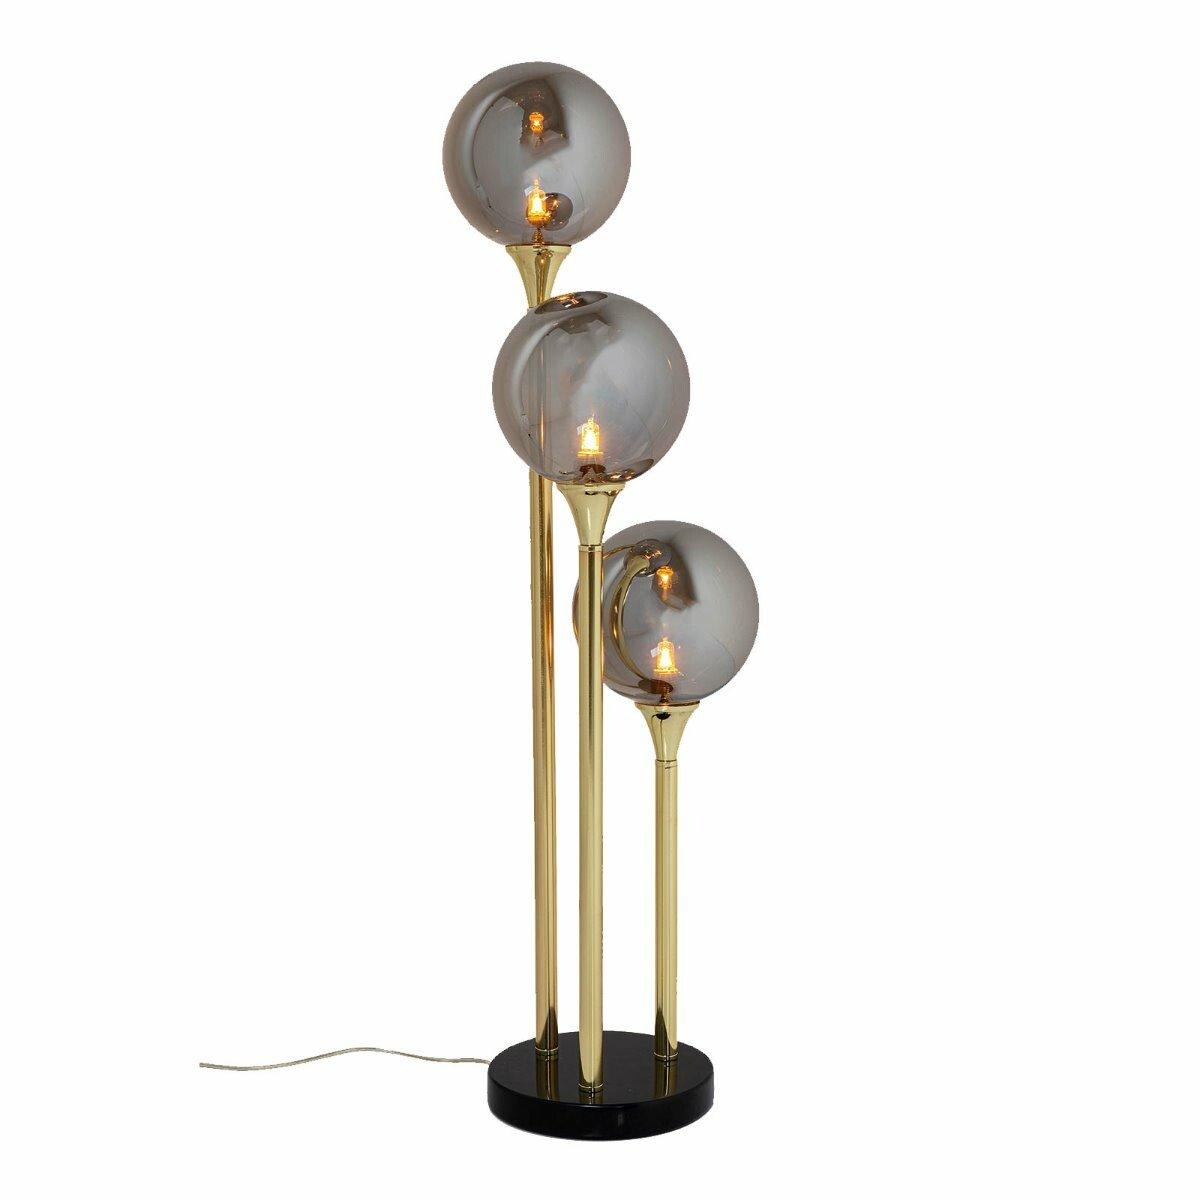 Kare Design tafellamp al capone tre 82,5 x 17,8 x 17,8